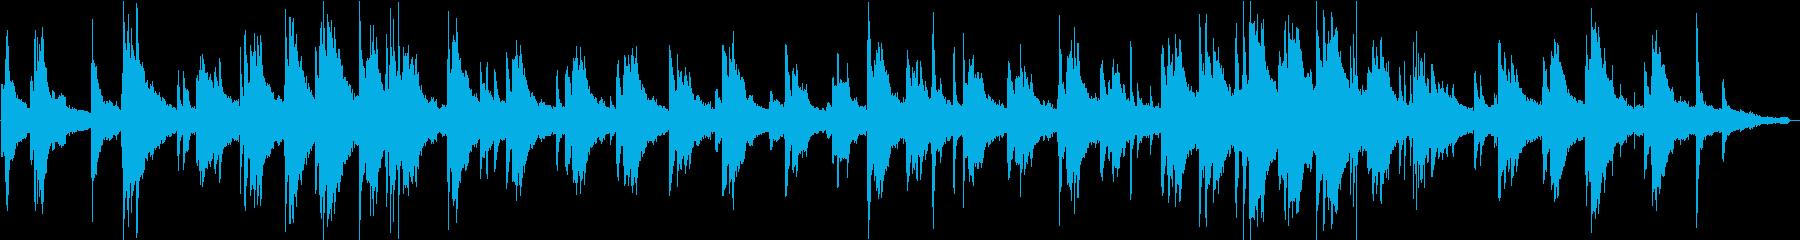 ヒーリングピアノ組曲 ただよう 9の再生済みの波形